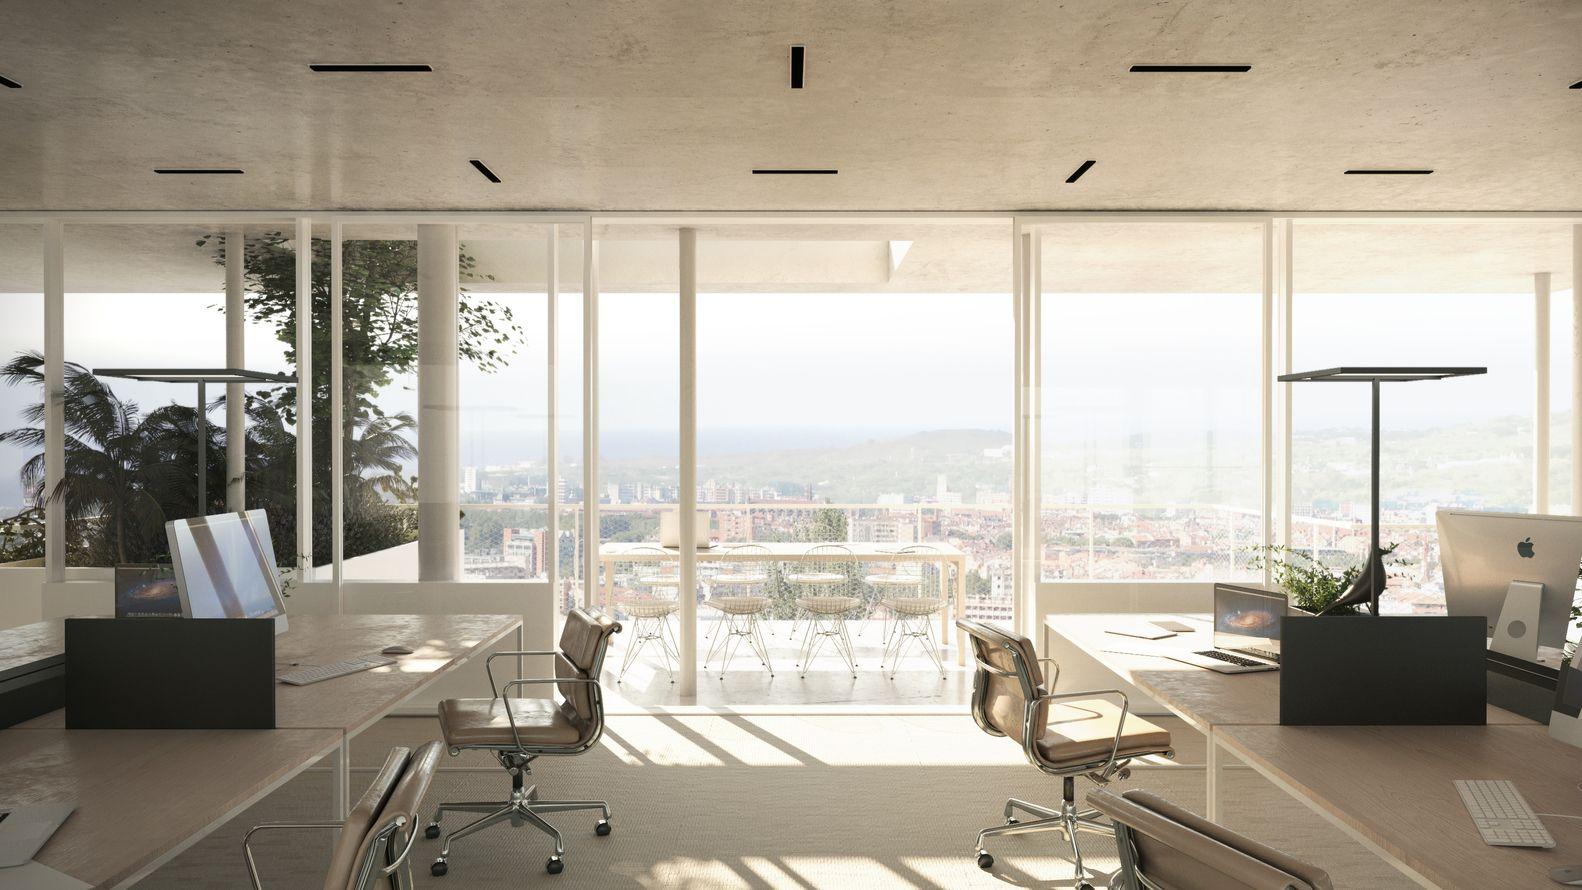 Galeria de NL*A divulga projeto de edifício corporativo ecológico na França - 4